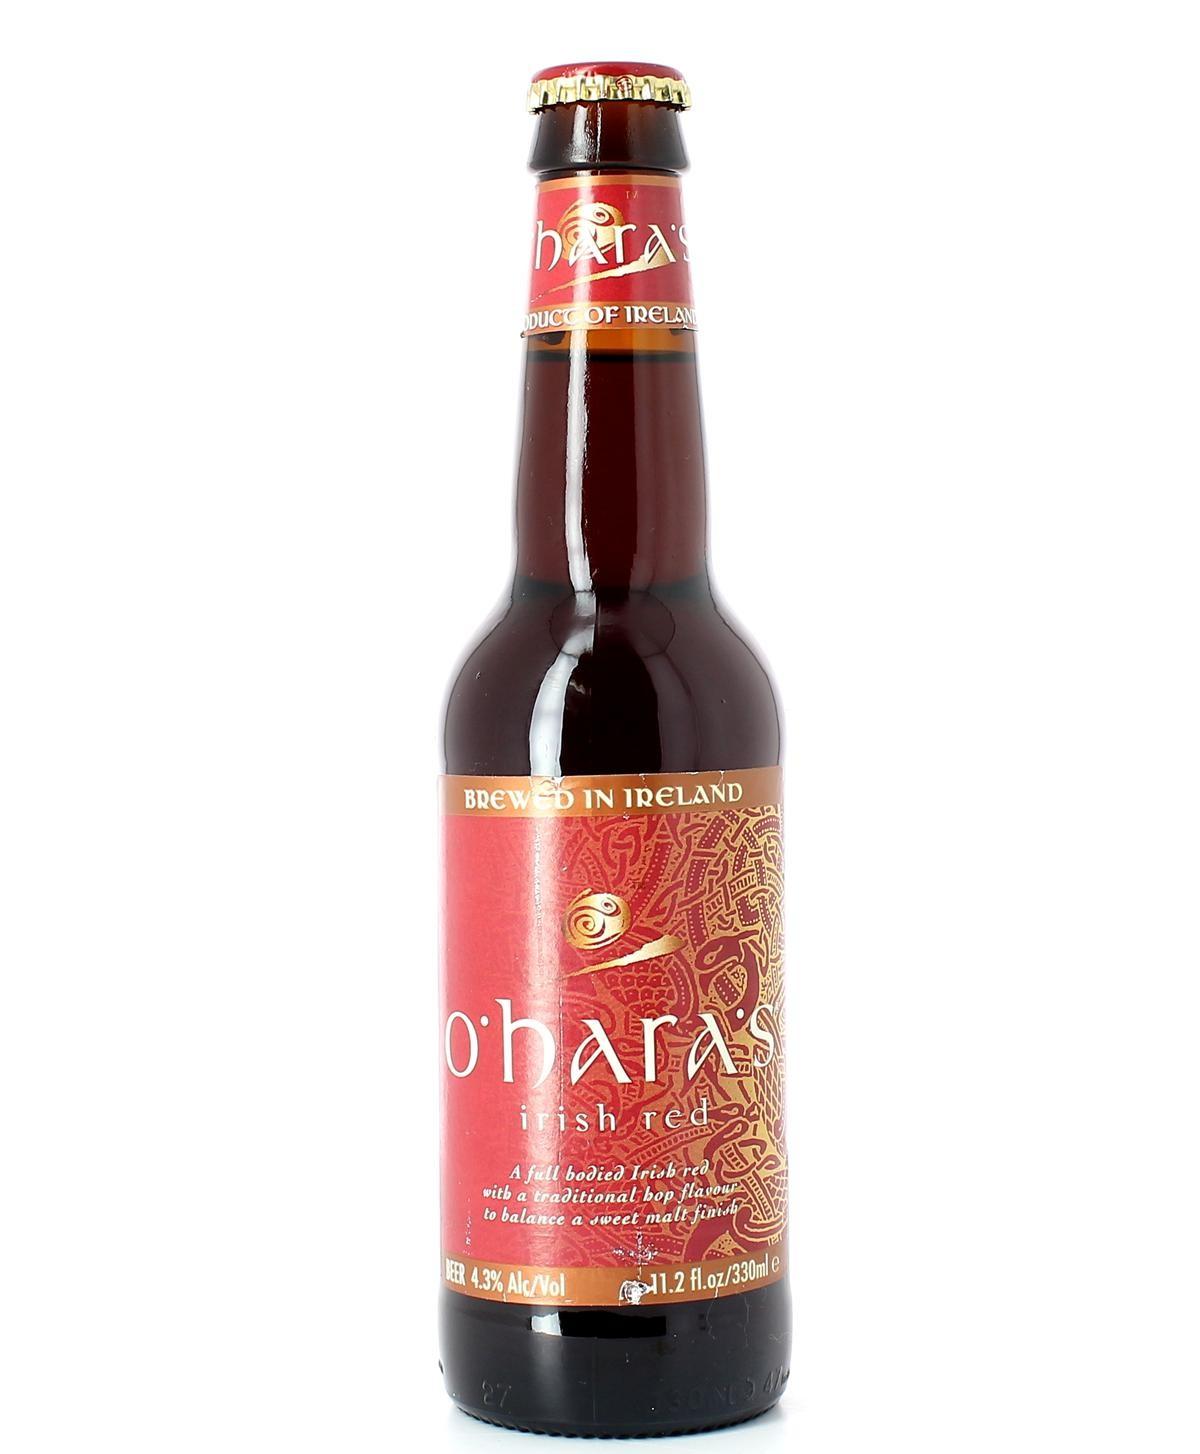 Oharas Irish Red